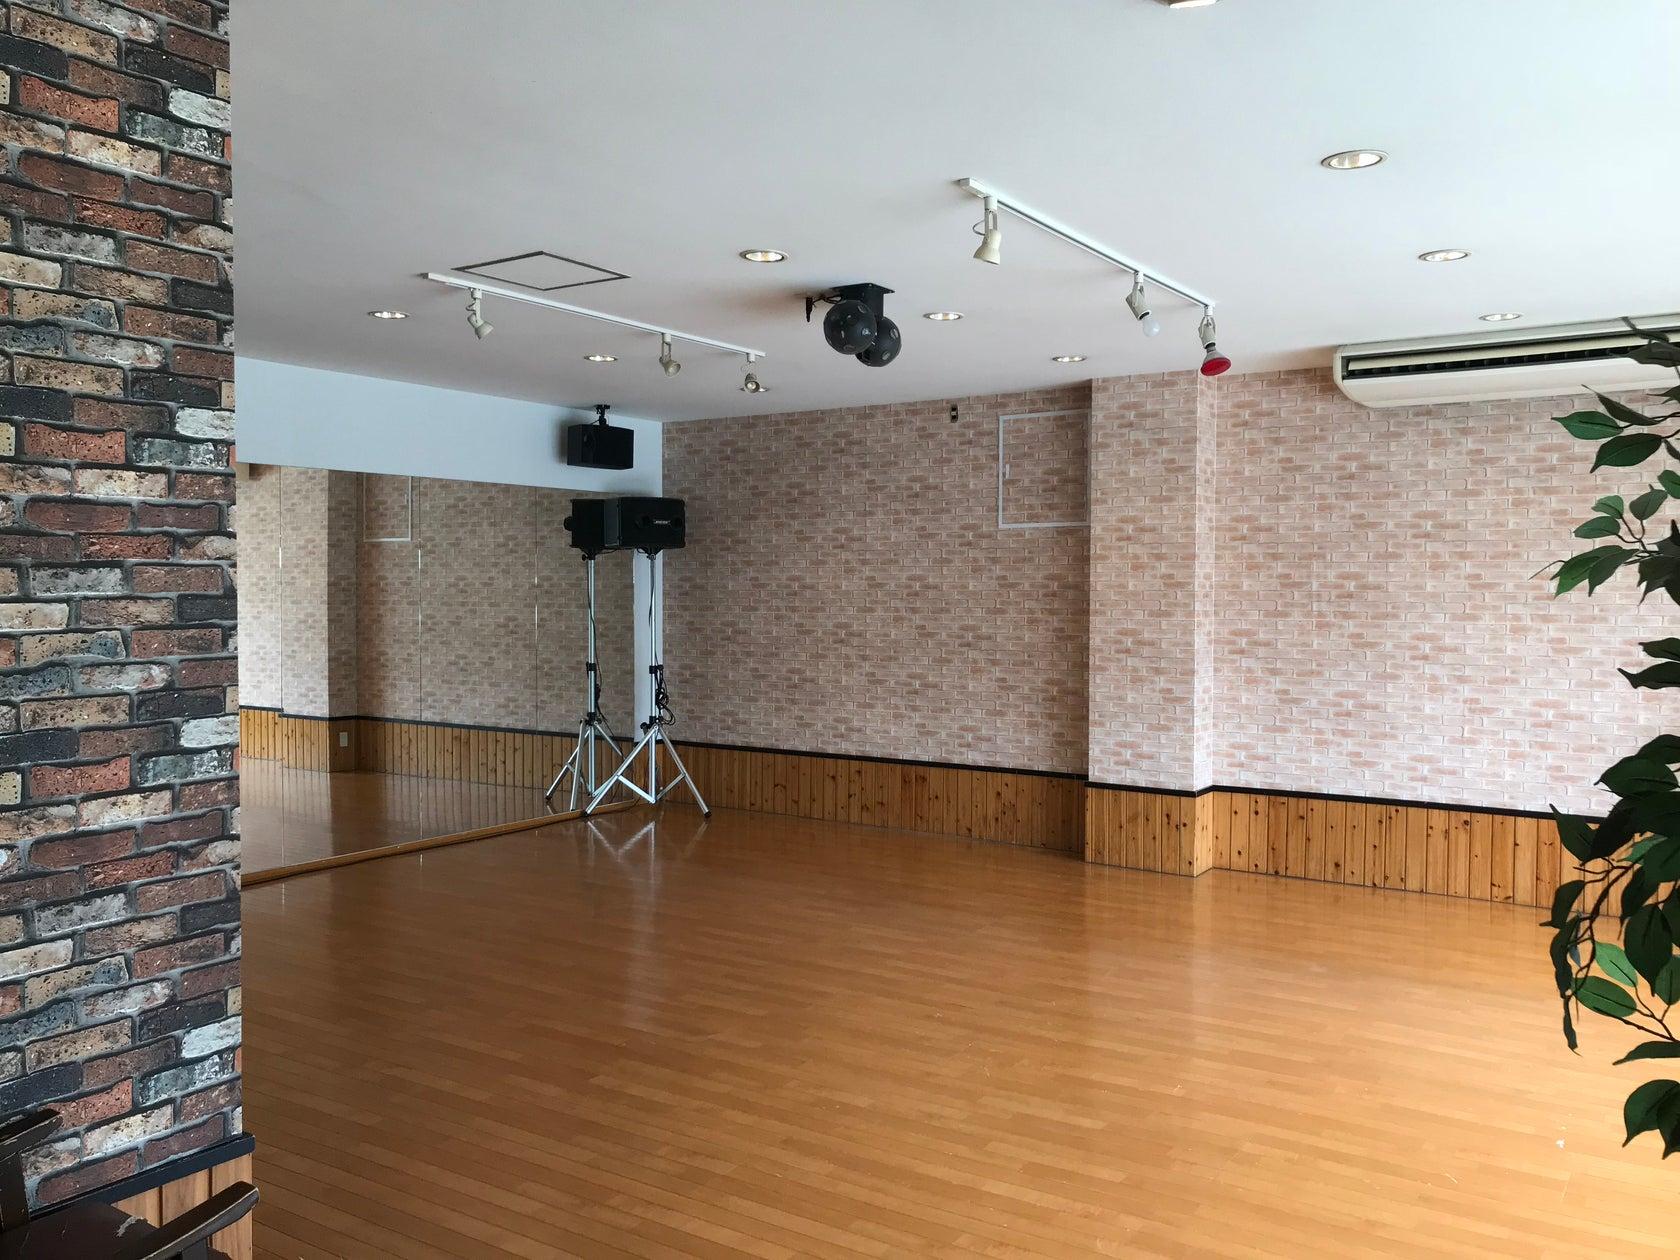 いろんな用途で使用できるおしゃれなフリースペース(DANCE STUDIO LIFE) の写真0